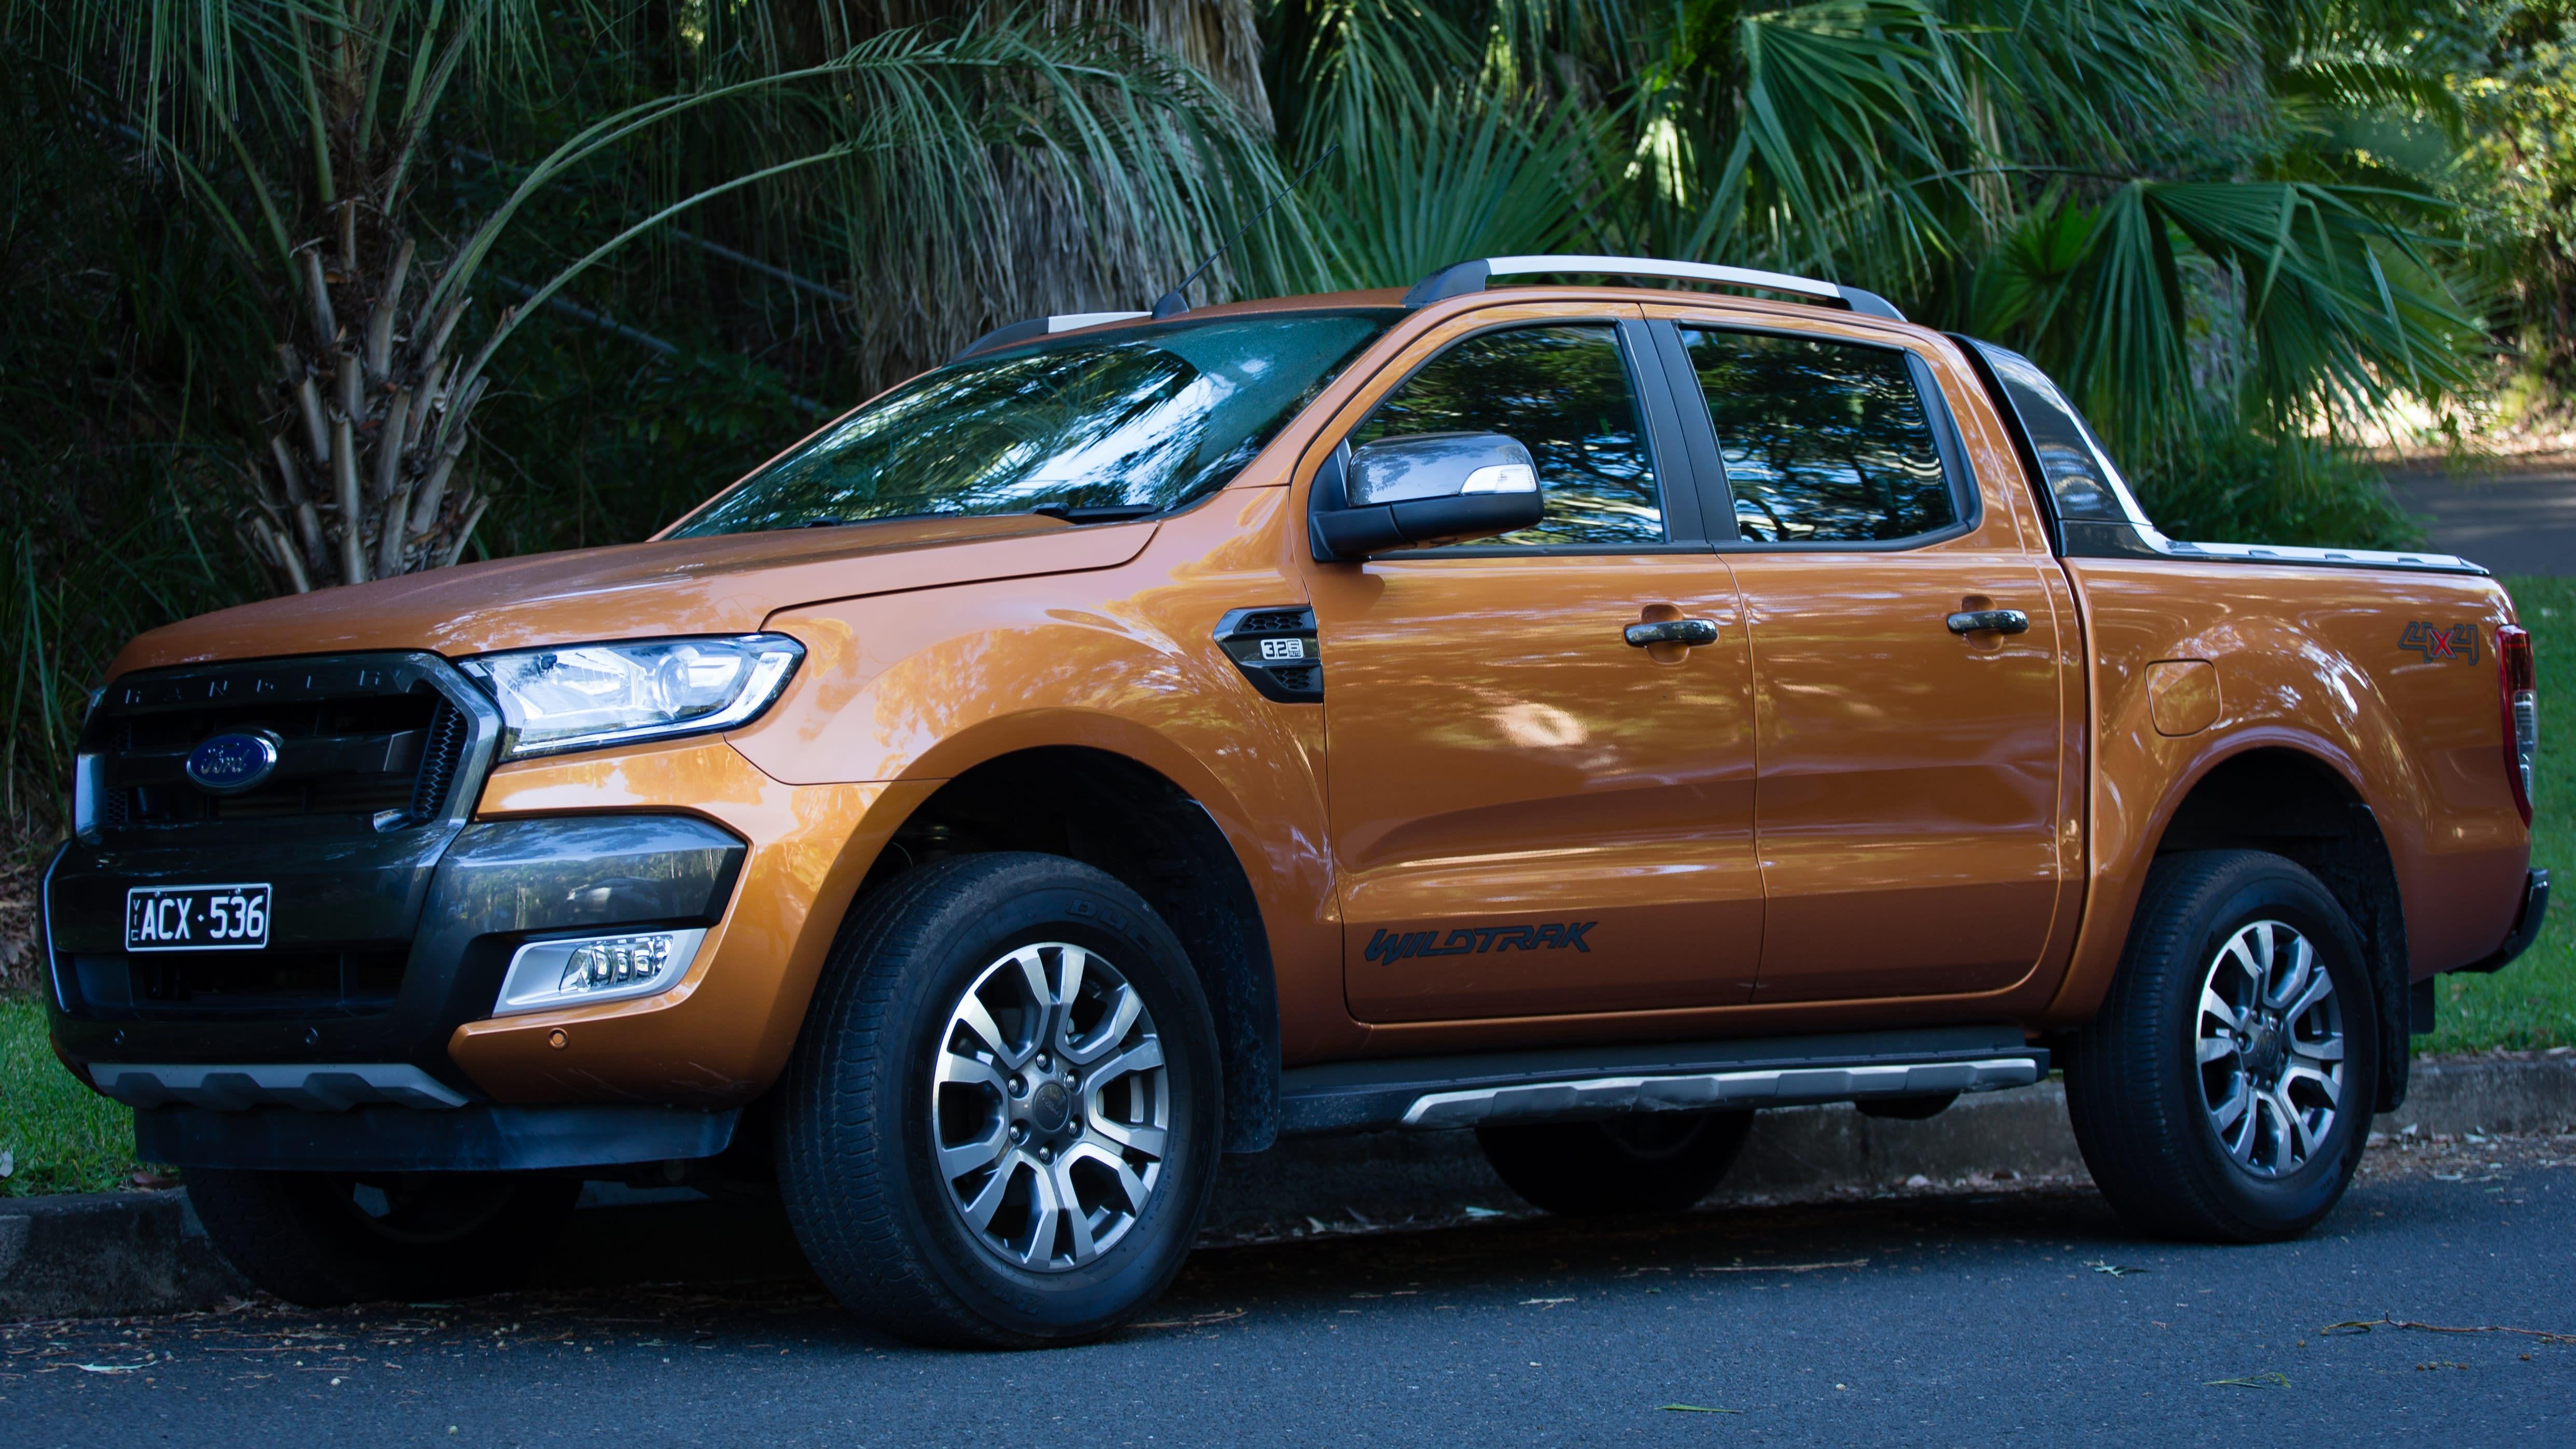 Ford Ranger 2017 >> Ford Ranger Wildtrak 2017 Carsguide